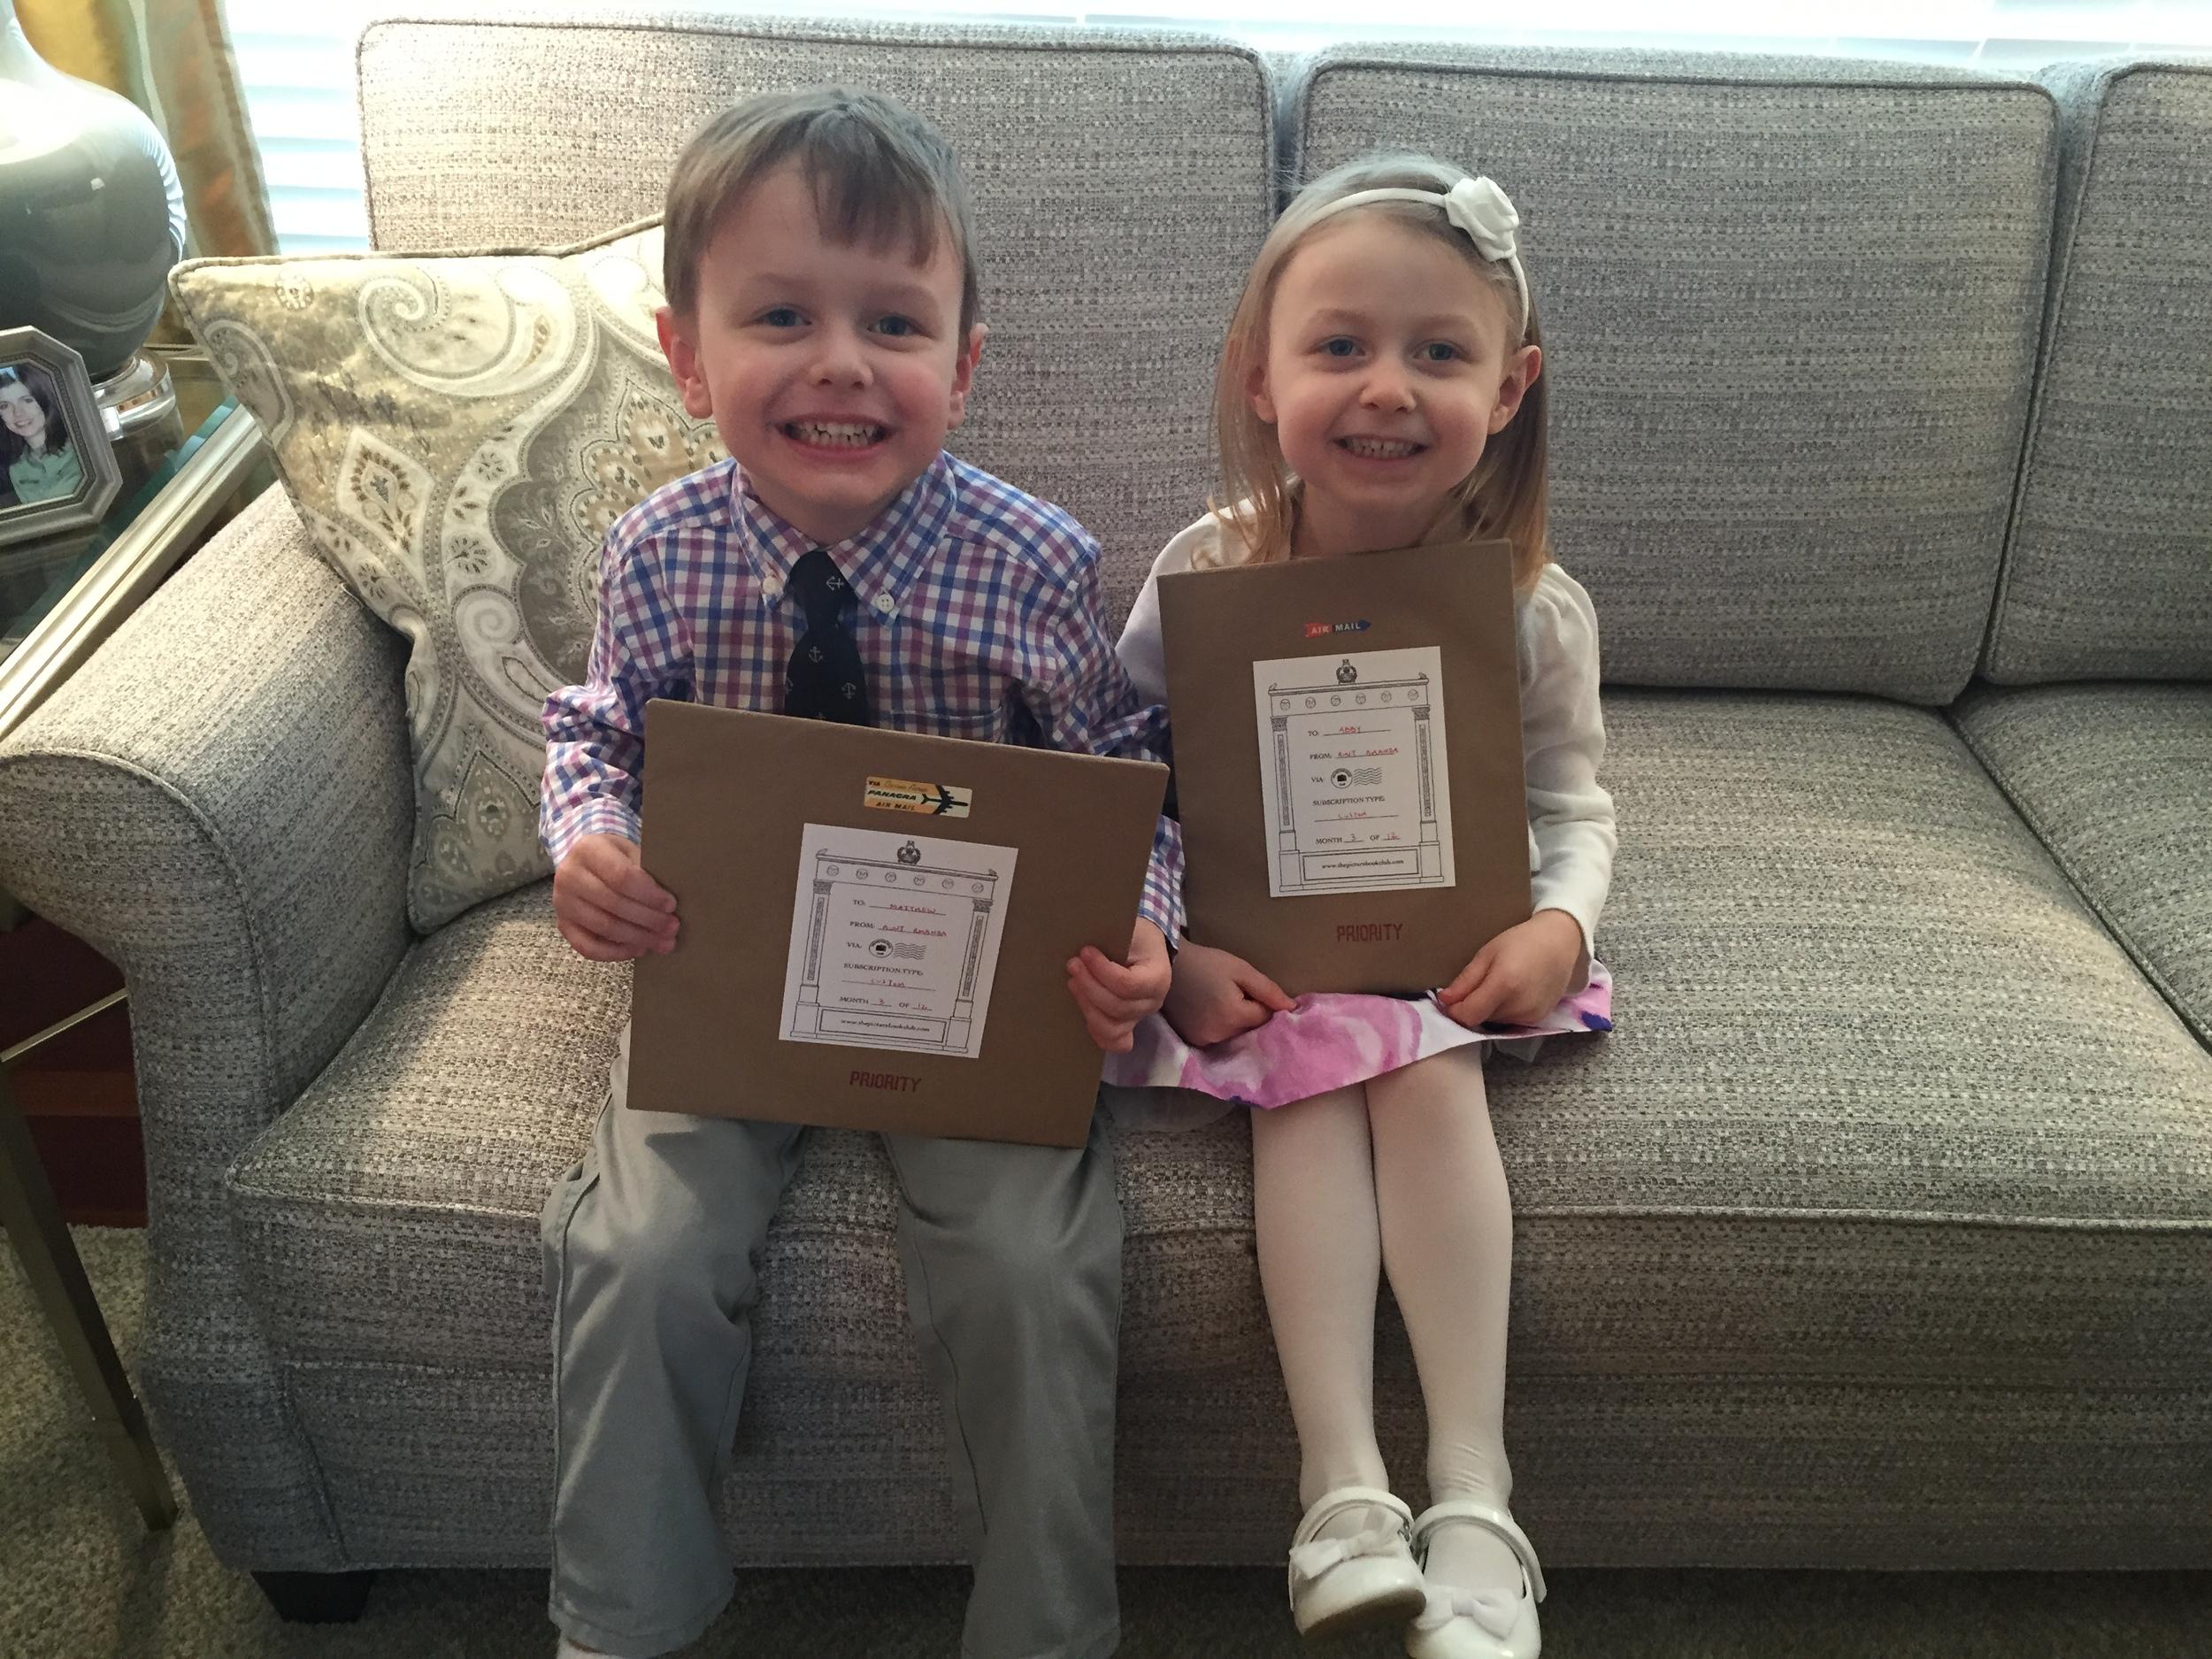 Matthew & Abby